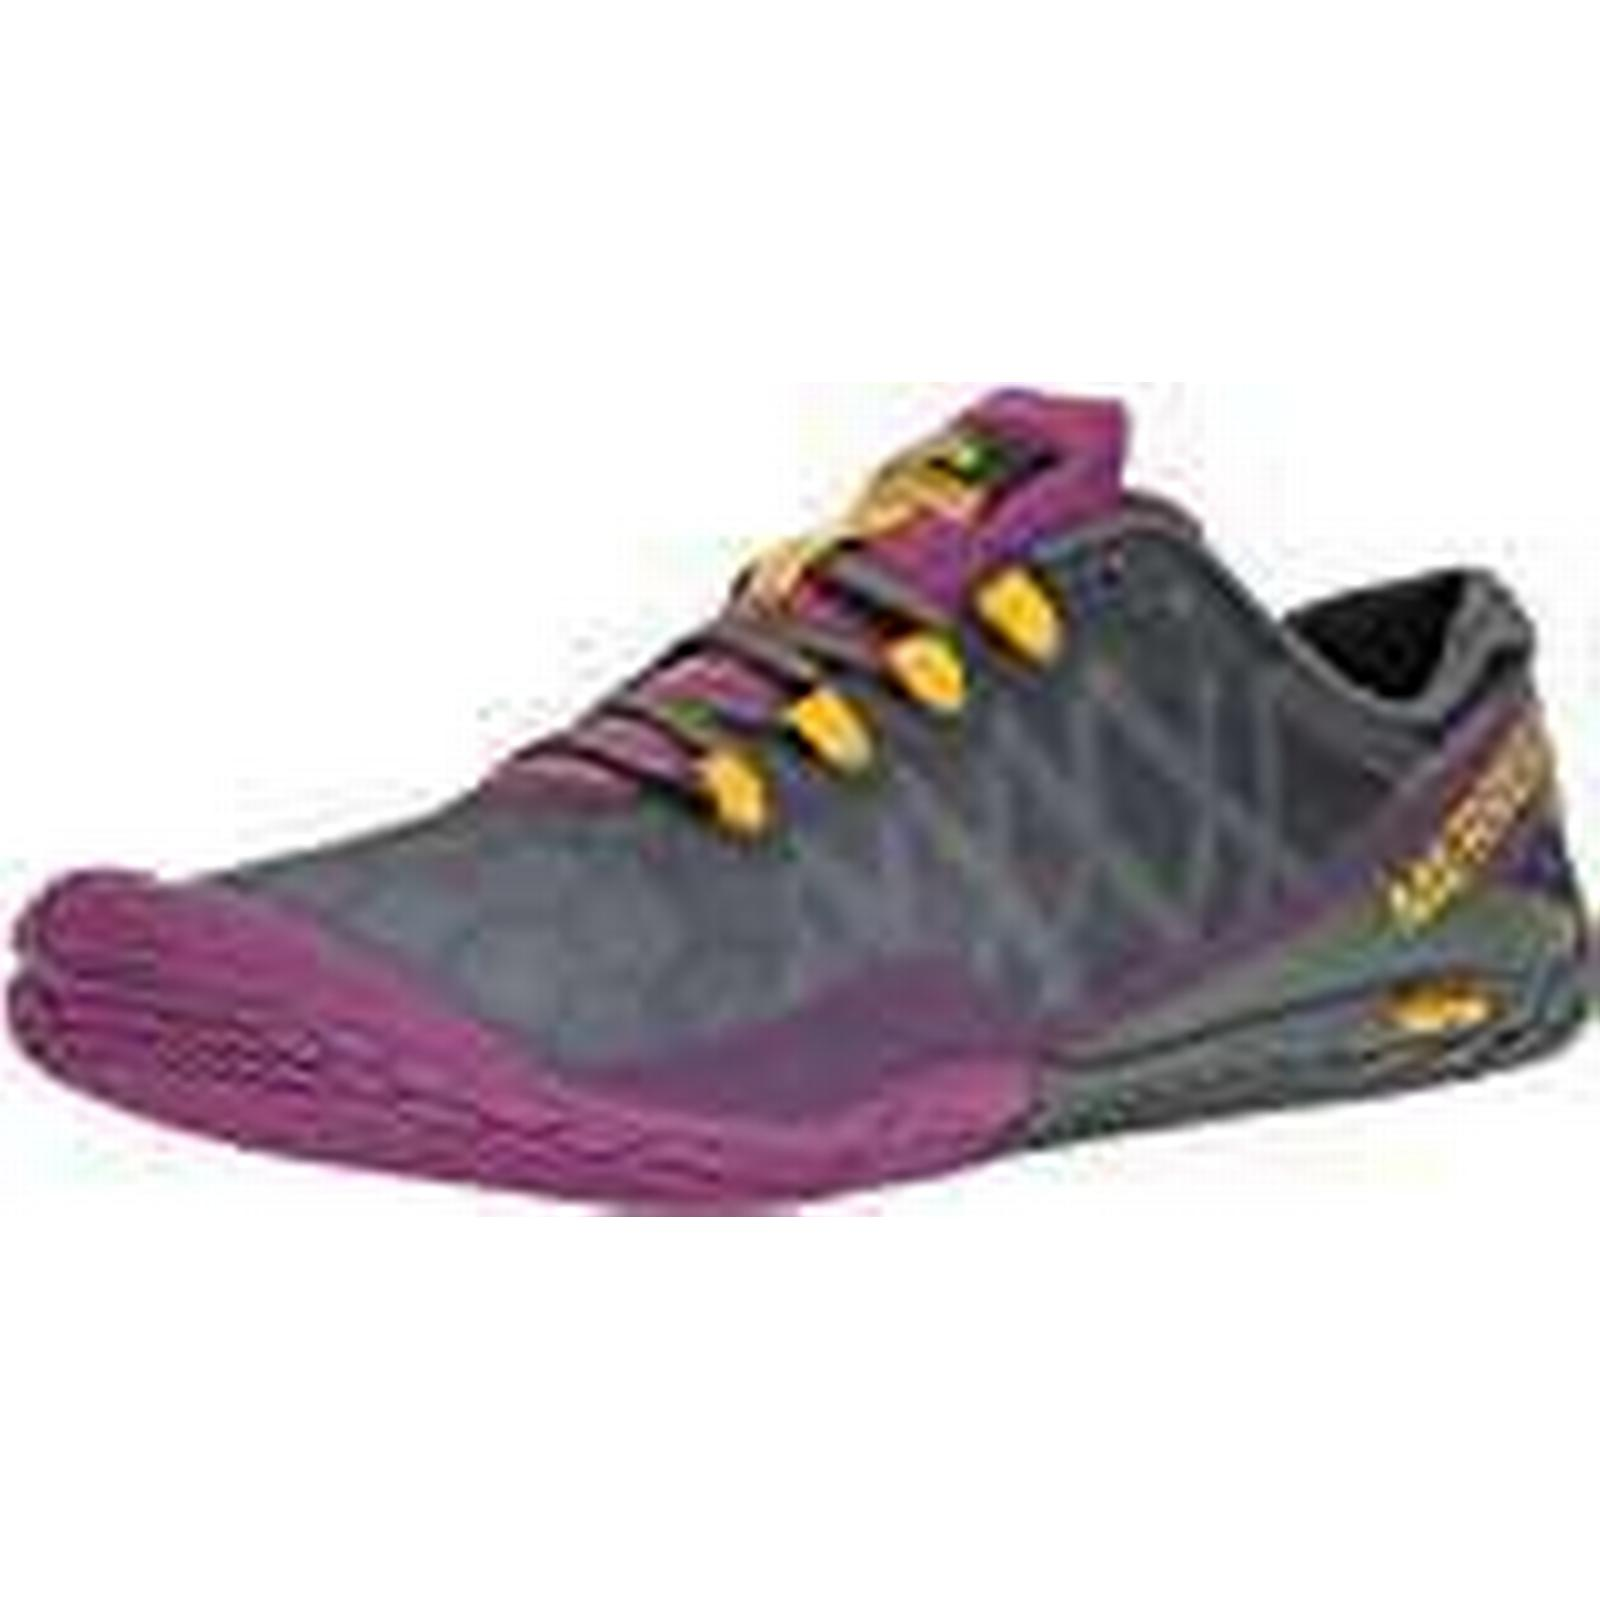 Merrell Women's Running Vapor Glove 3 Trail Running Women's Shoes, Grey (Turbulence), 6 UK 518a1c